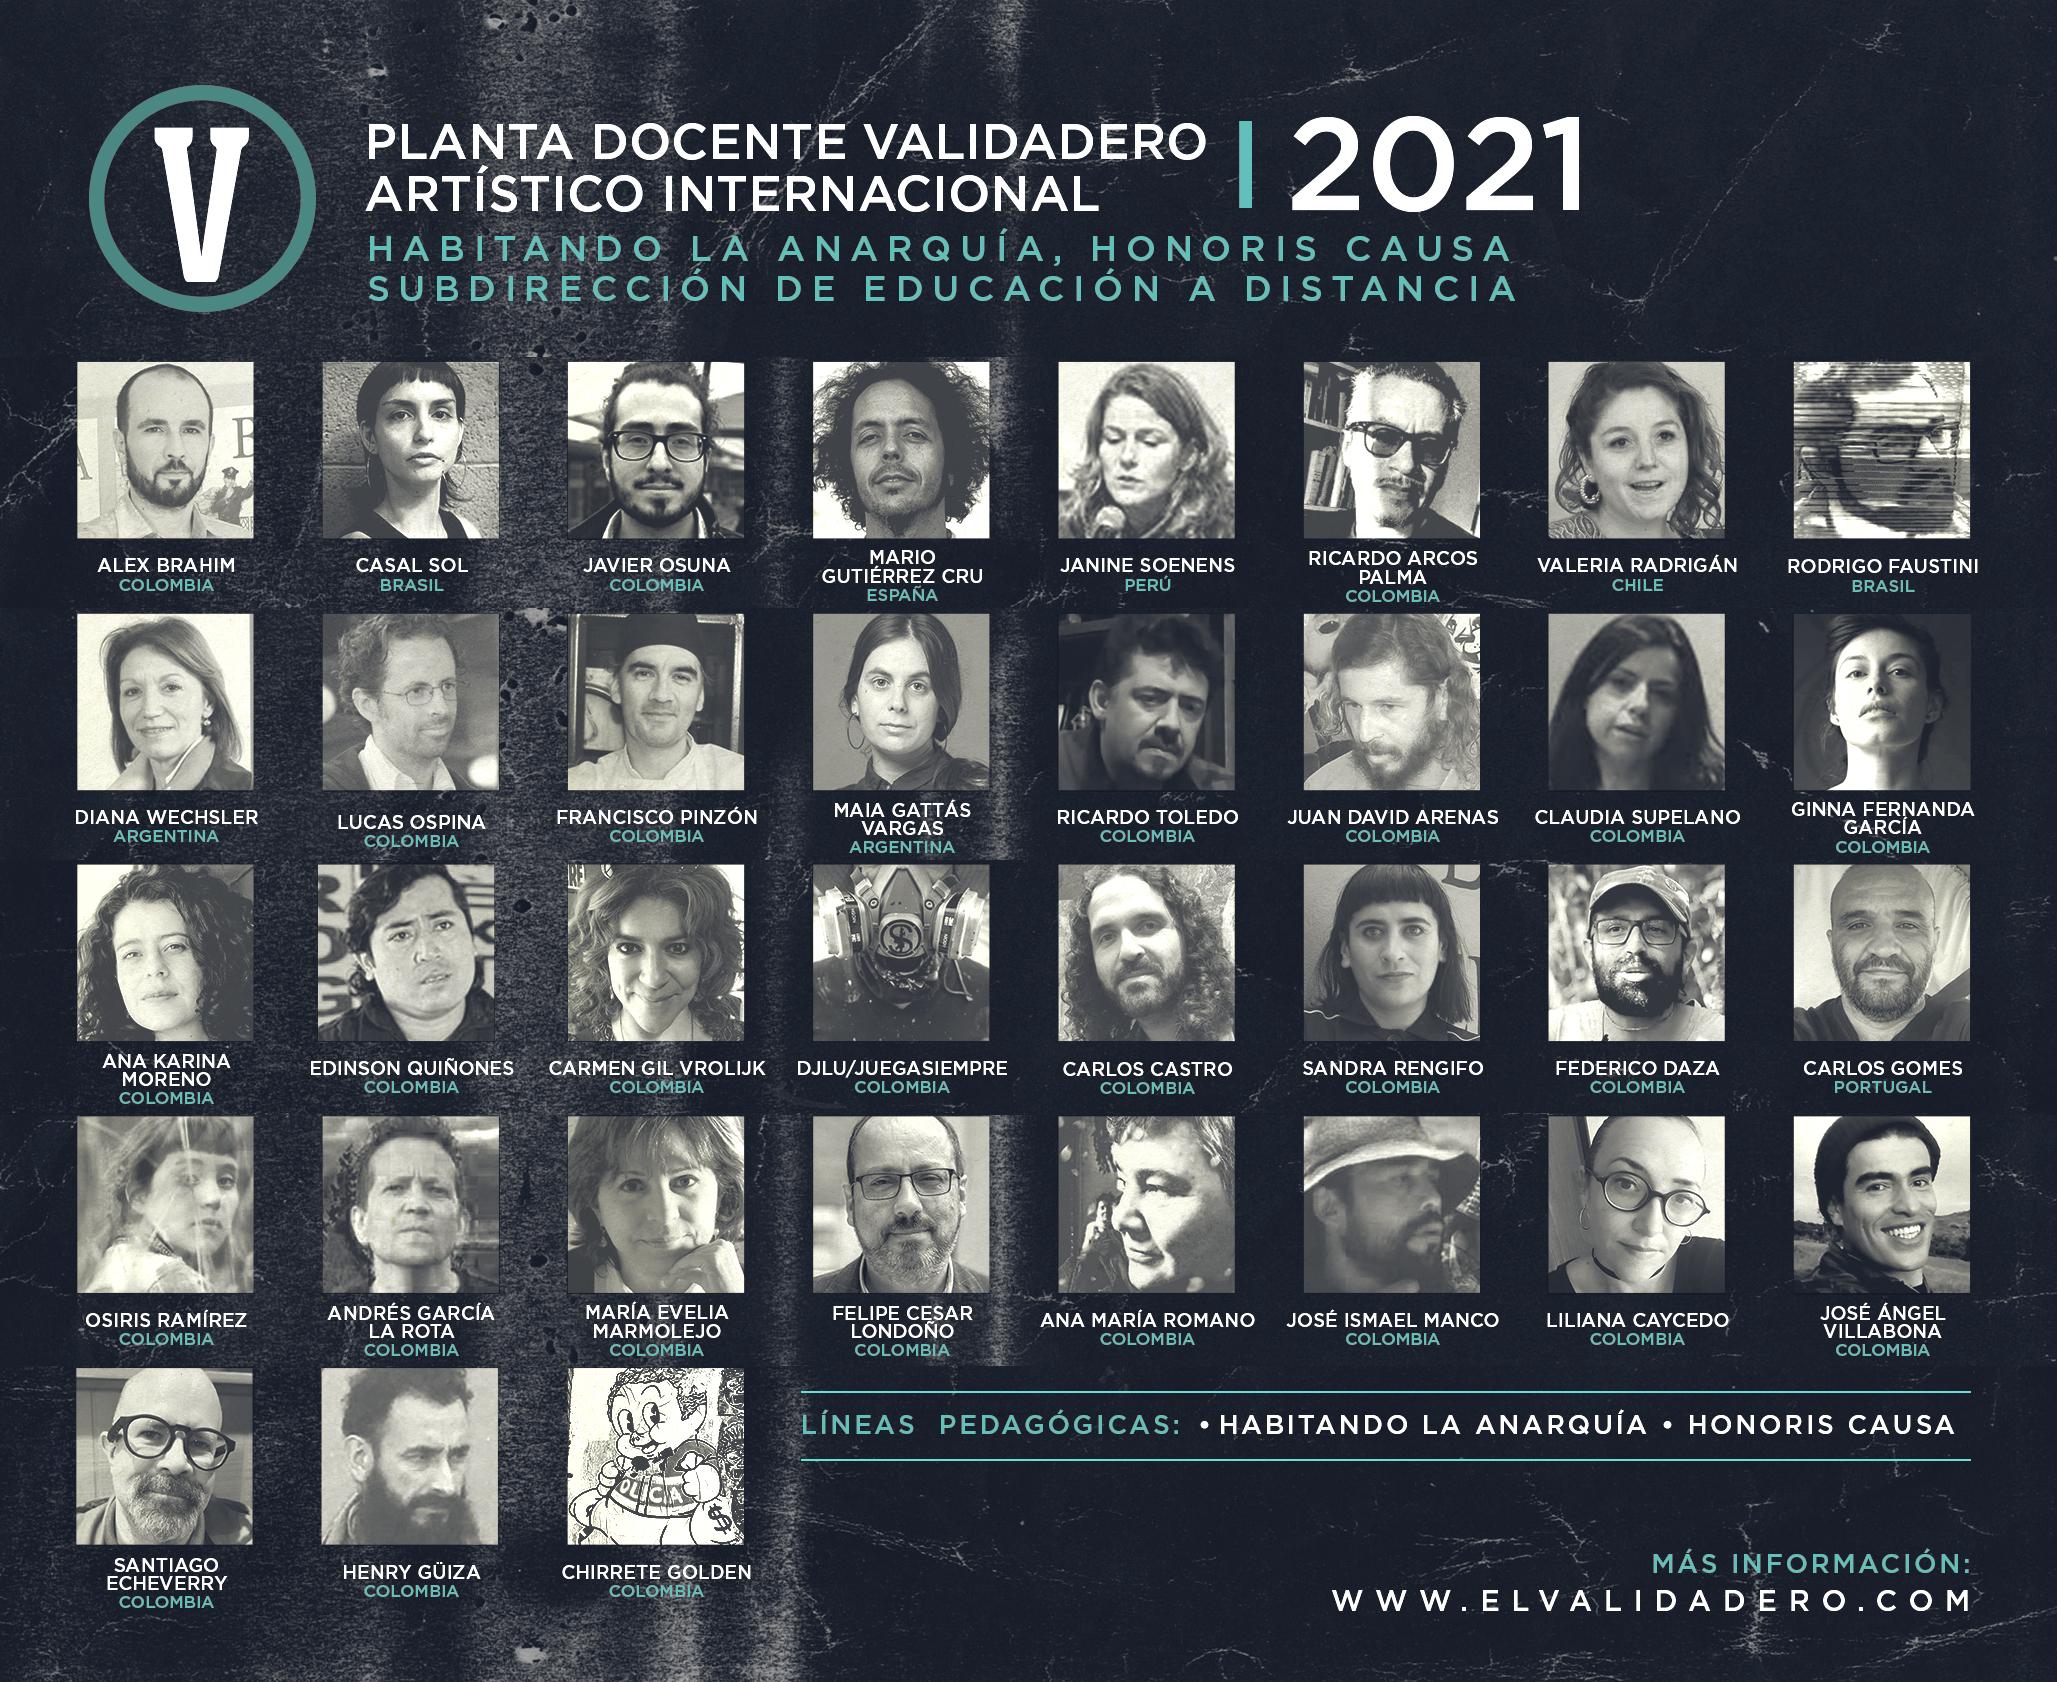 Planta docente 2021   El Validadero Artístico